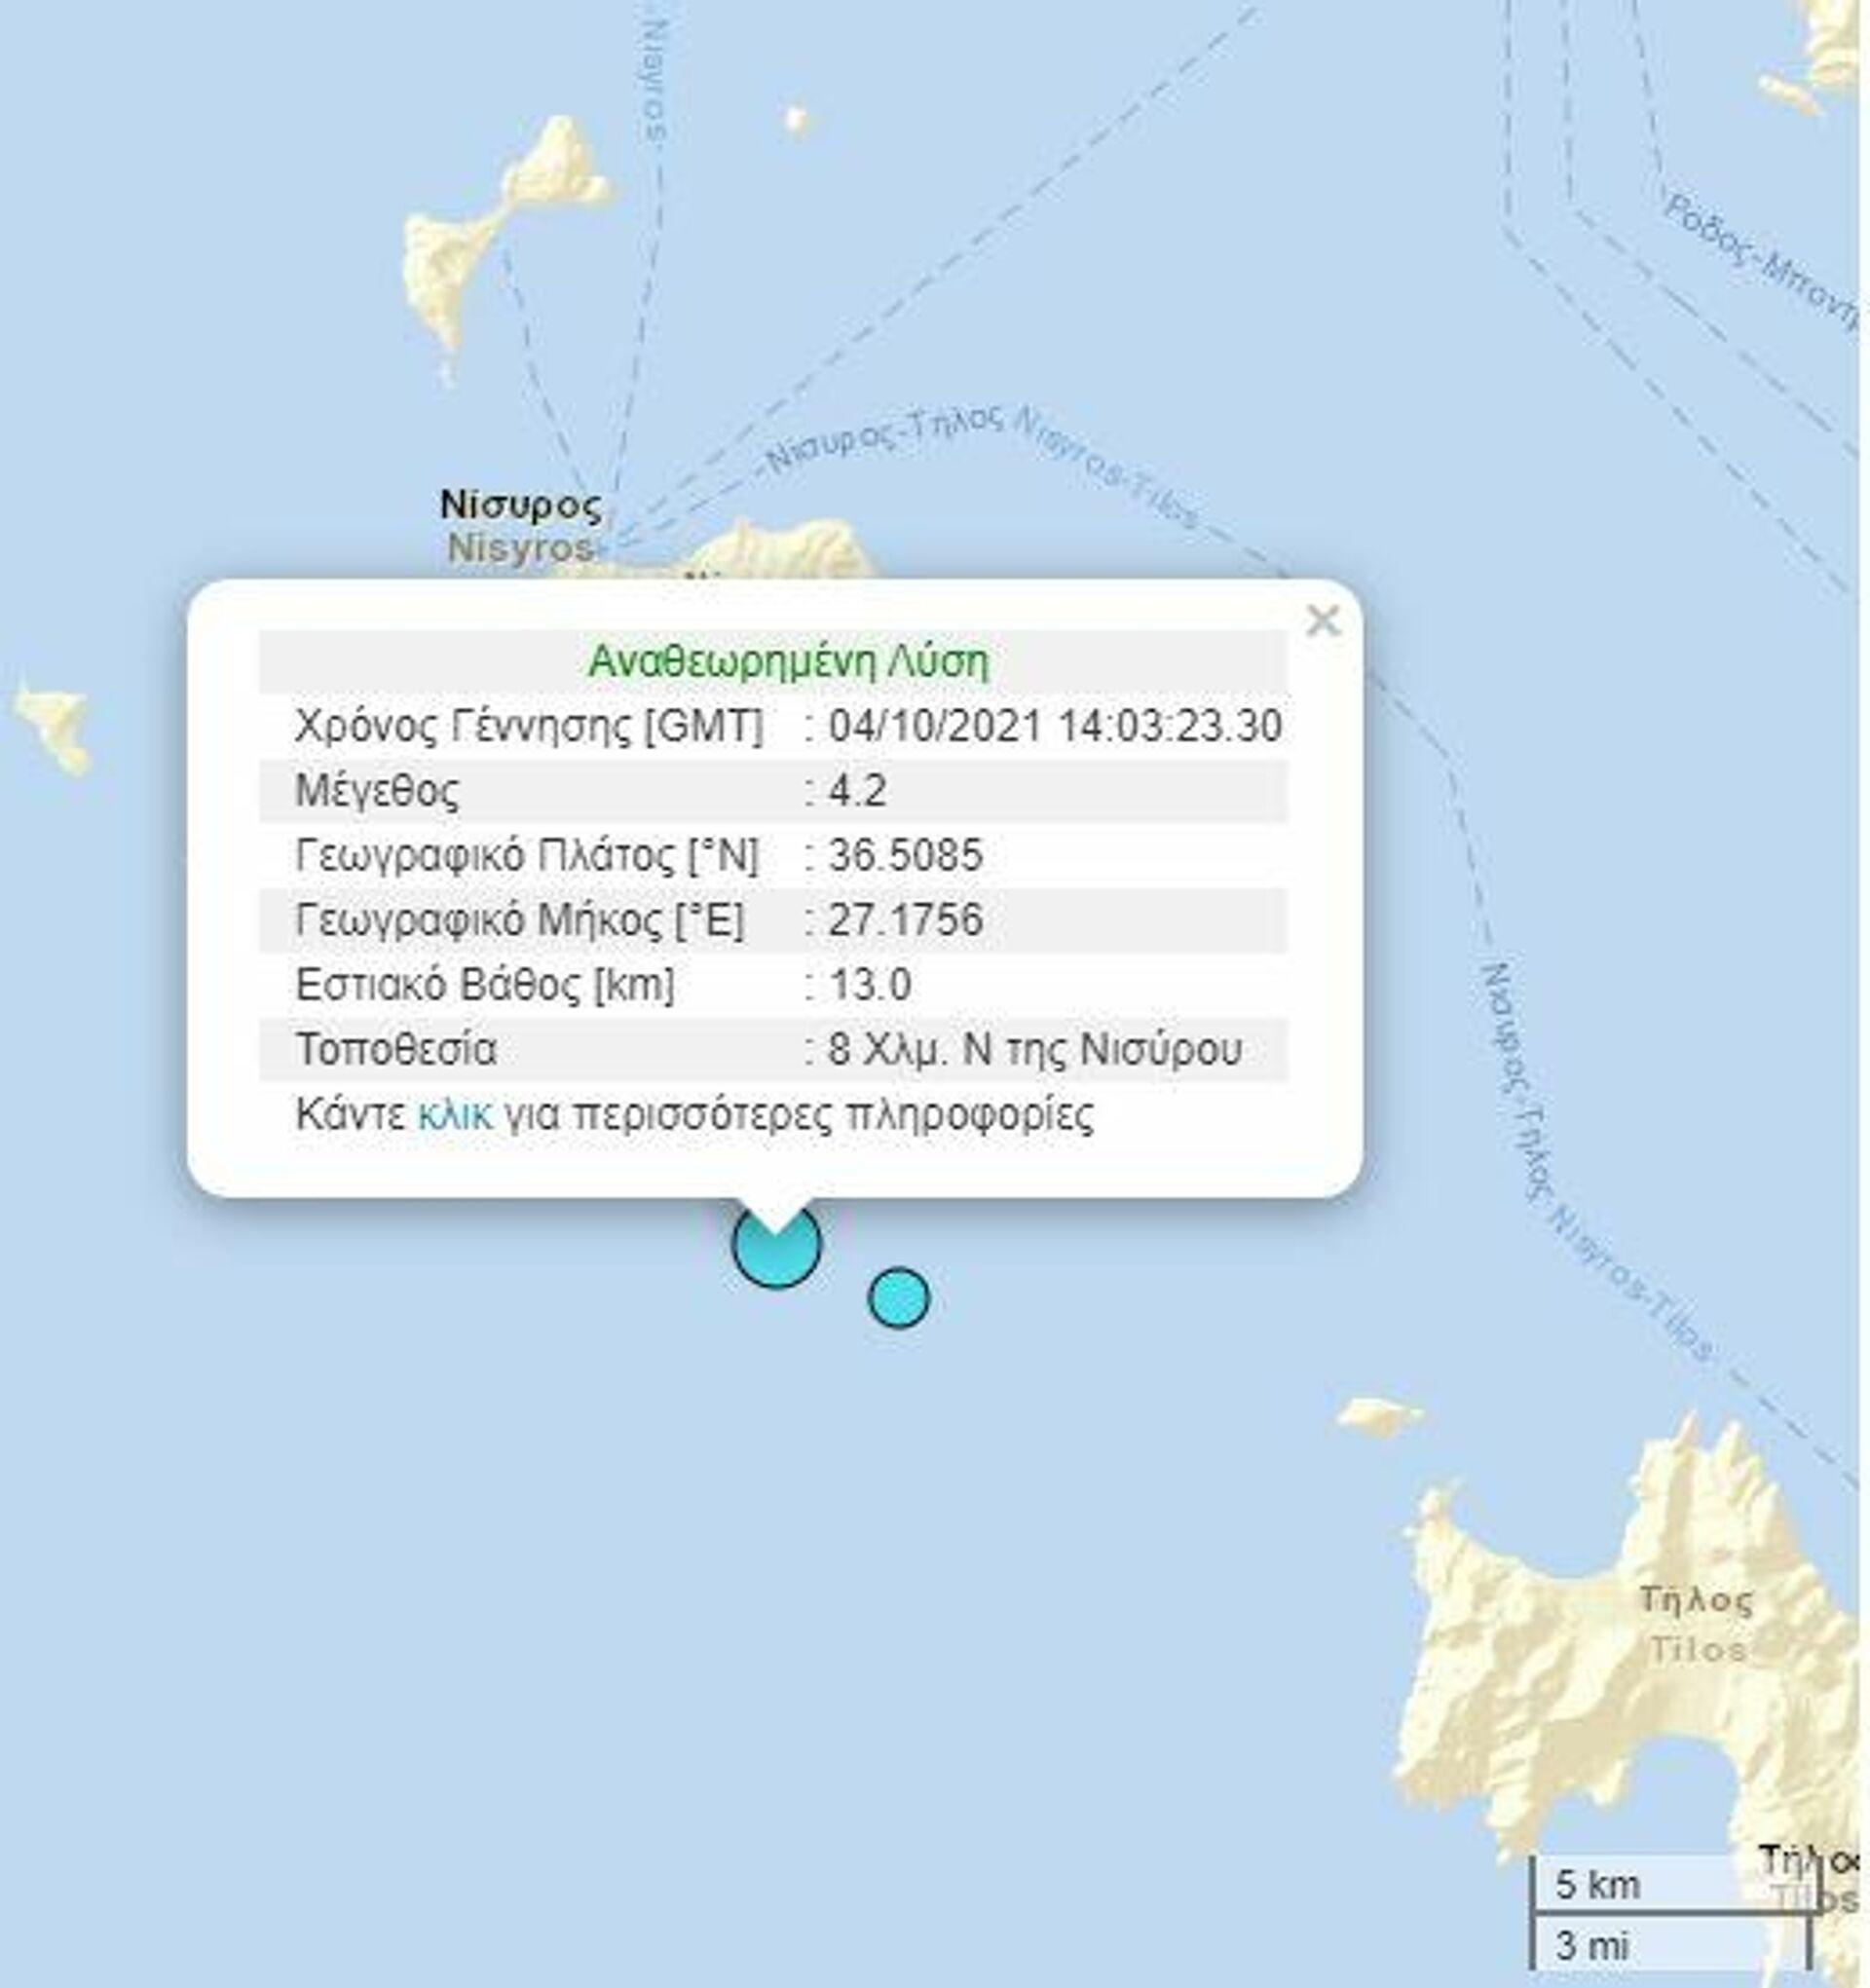 Σεισμός στη Νίσυρο - Sputnik Ελλάδα, 1920, 04.10.2021